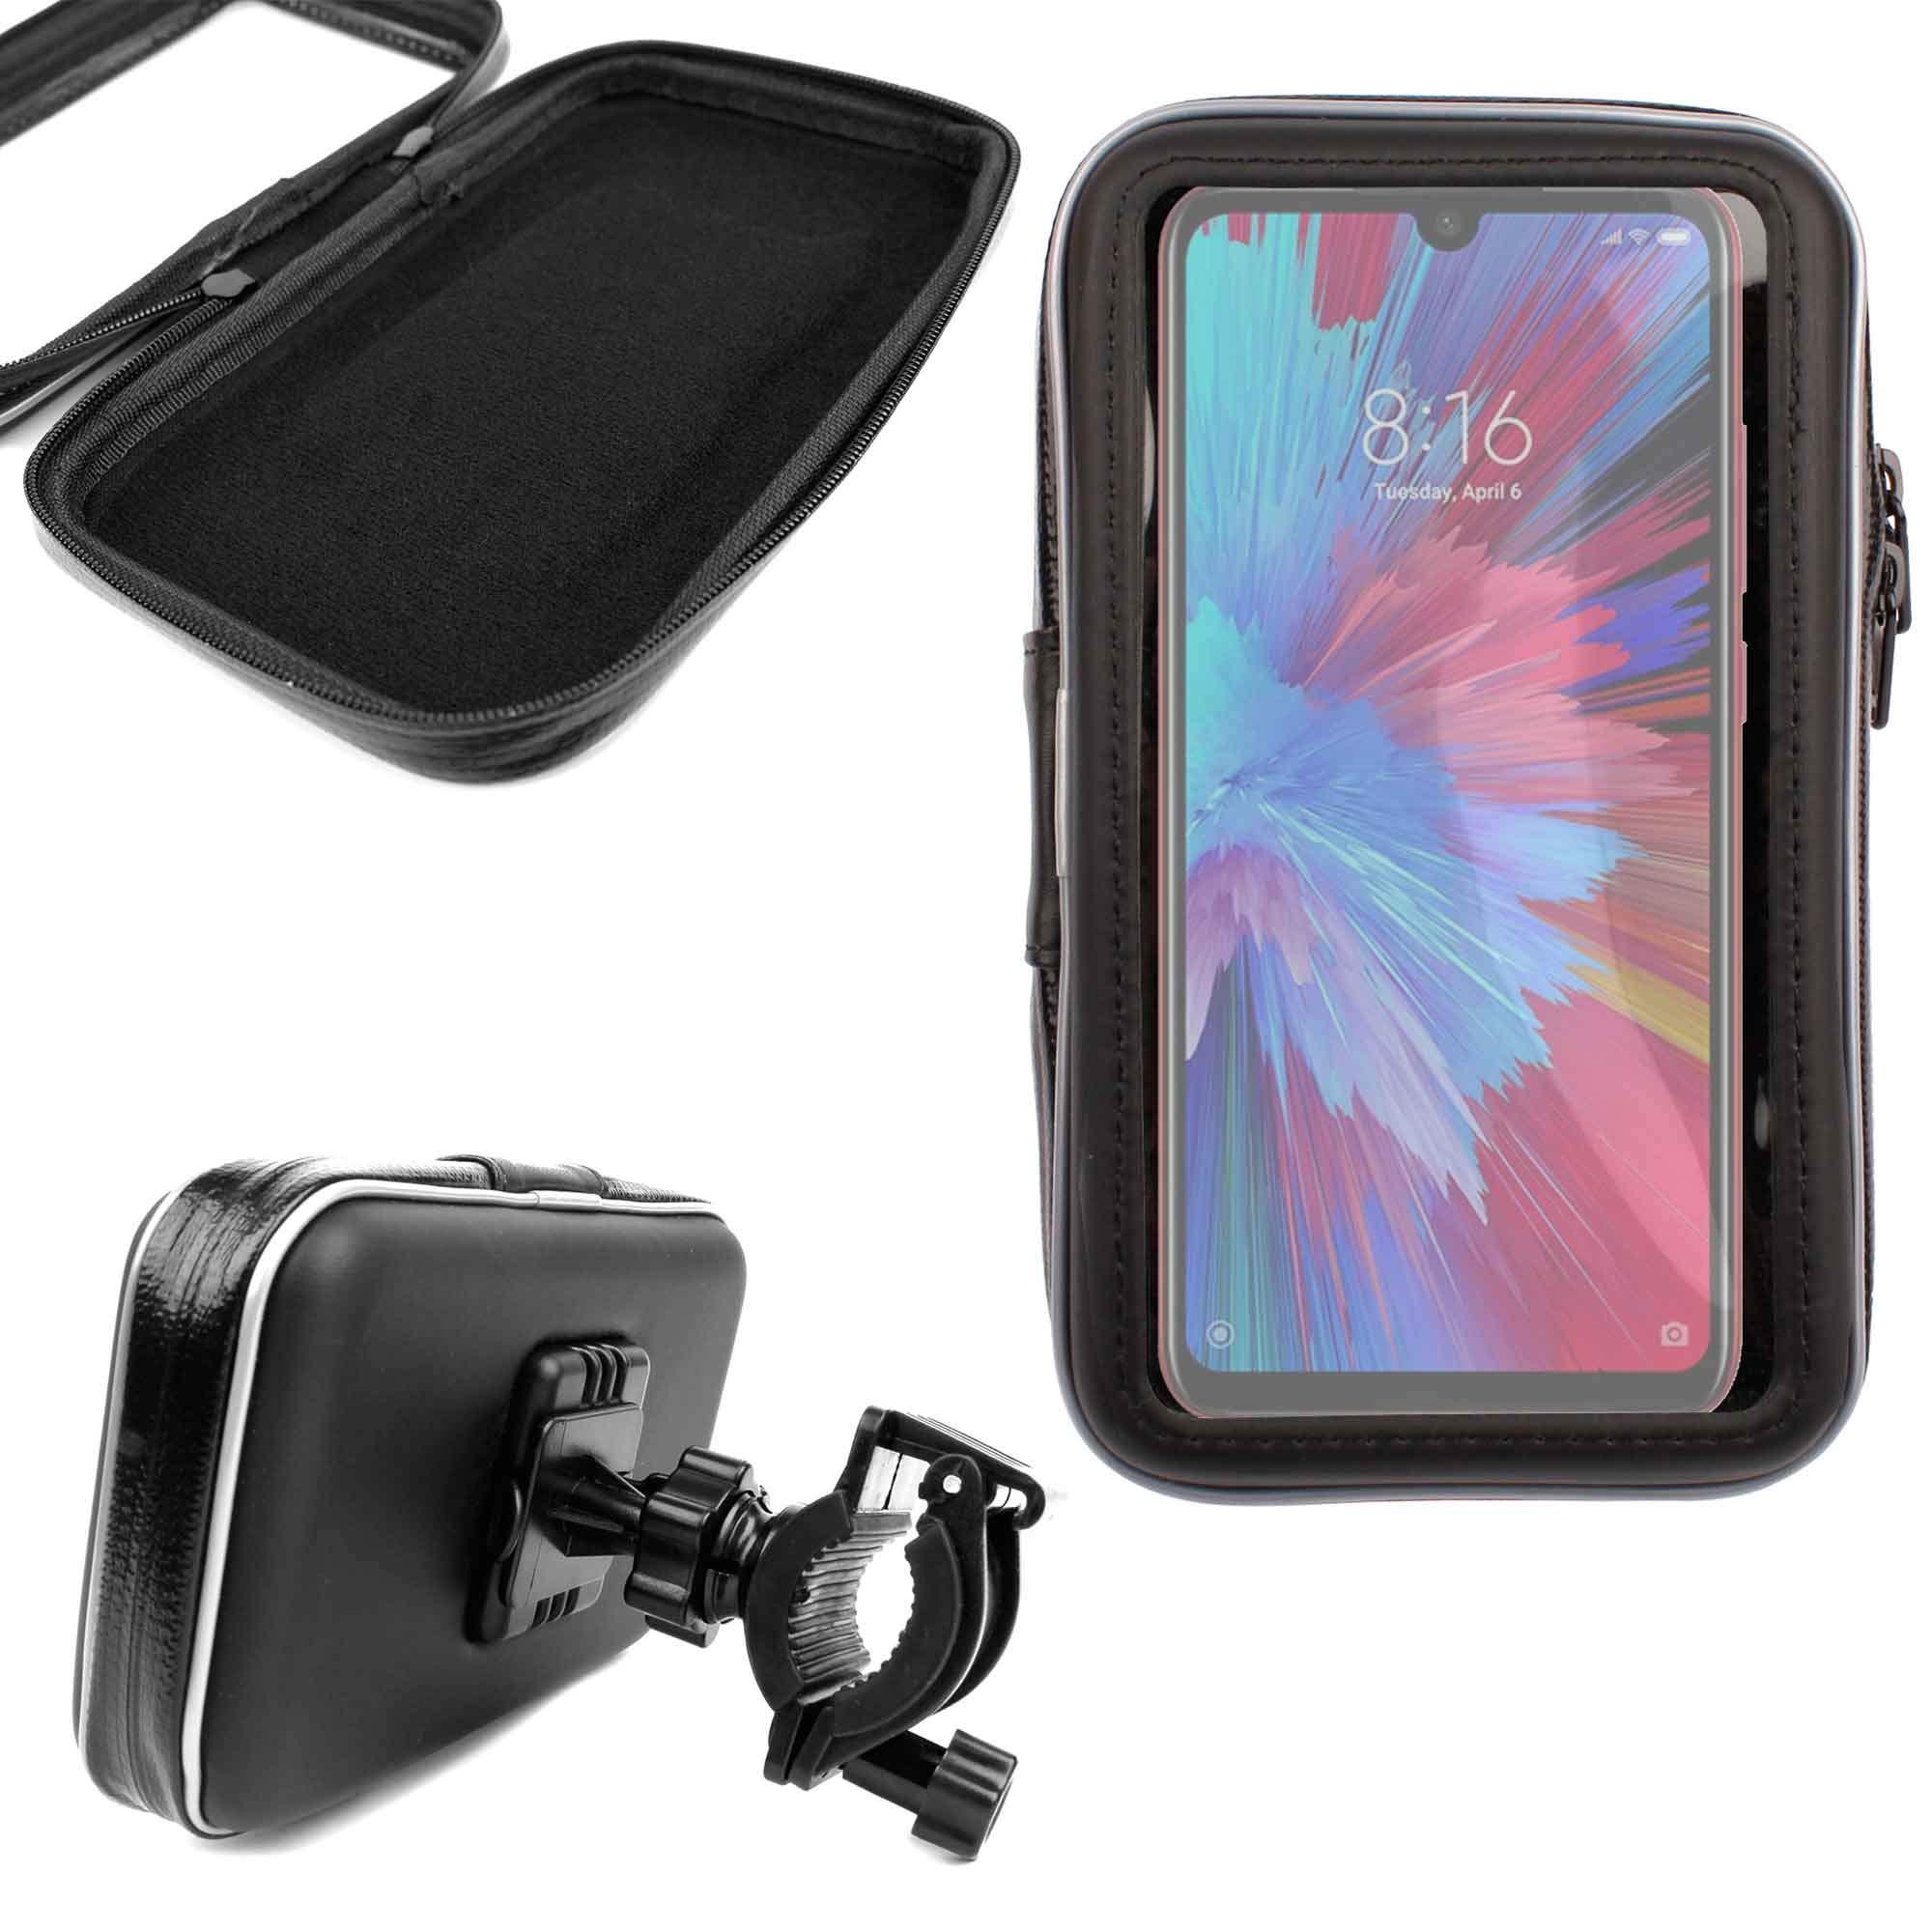 DURAGADGET Montaje Giratorio para Bici De Montaña Y Funda para Smartphone Energizer Power MAX P18K Pop: Amazon.es: Electrónica